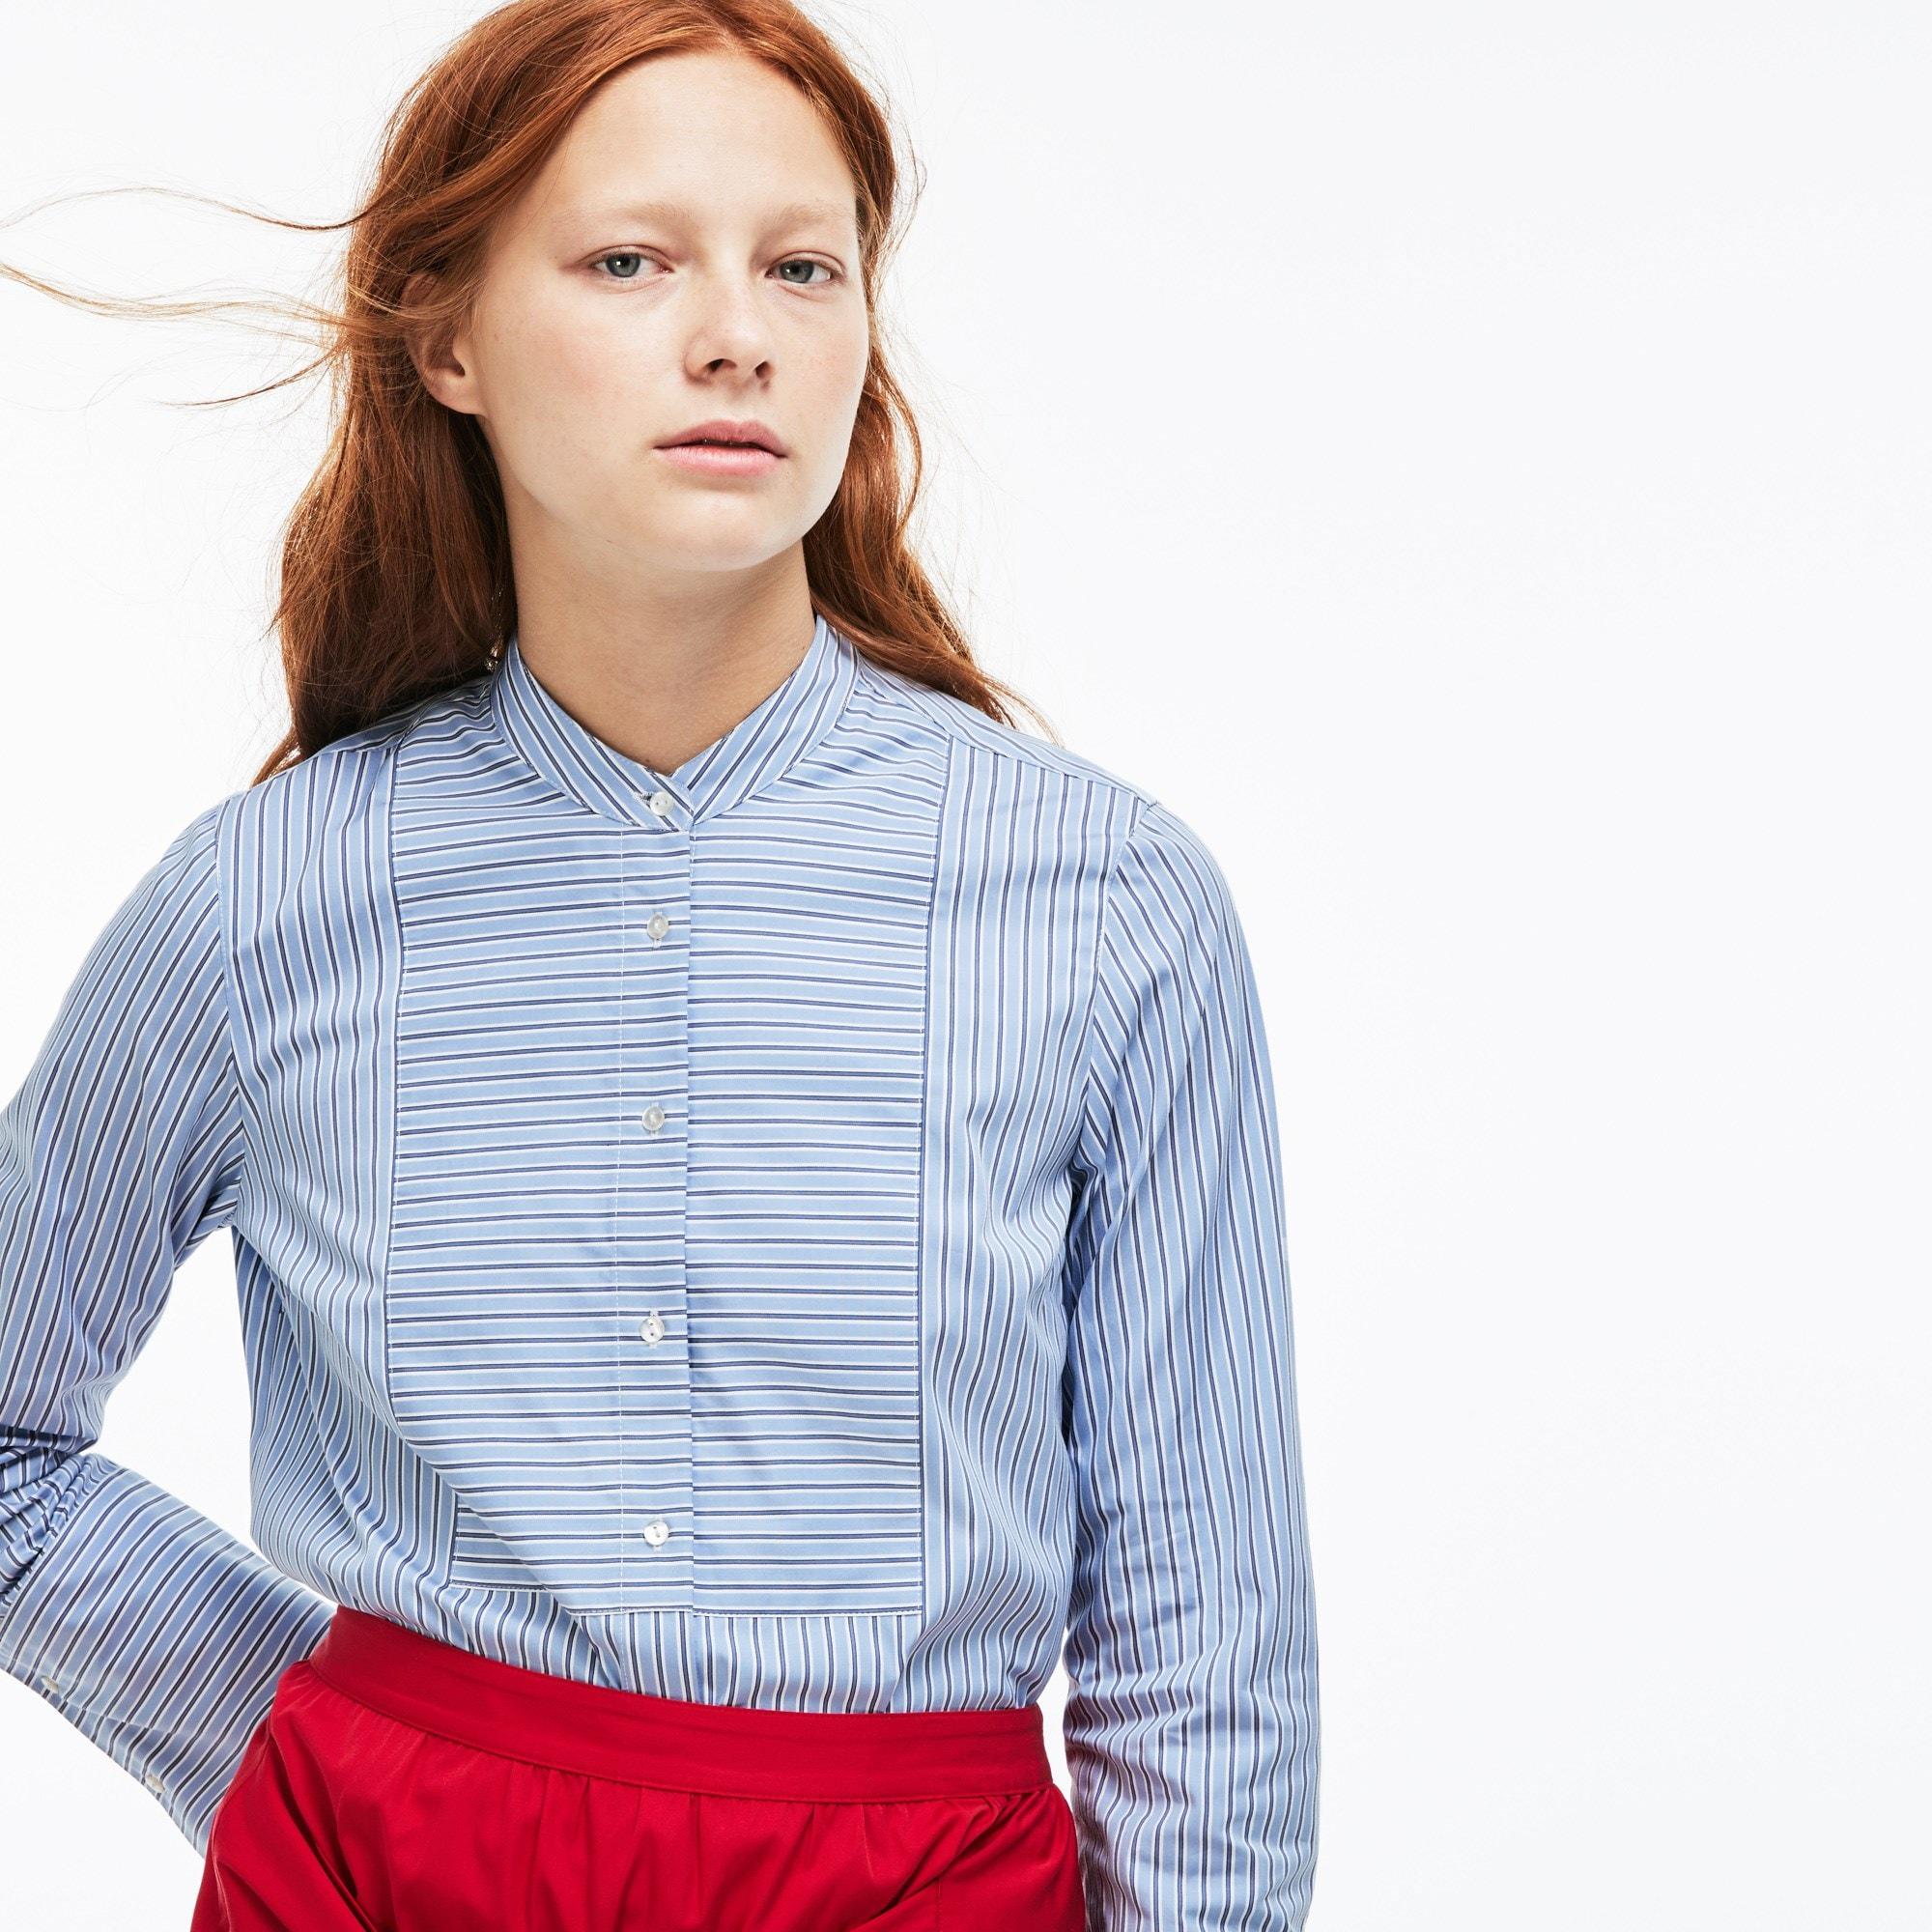 Lockere Damen-Bluse aus gestreifter Popeline LACOSTE L!VE